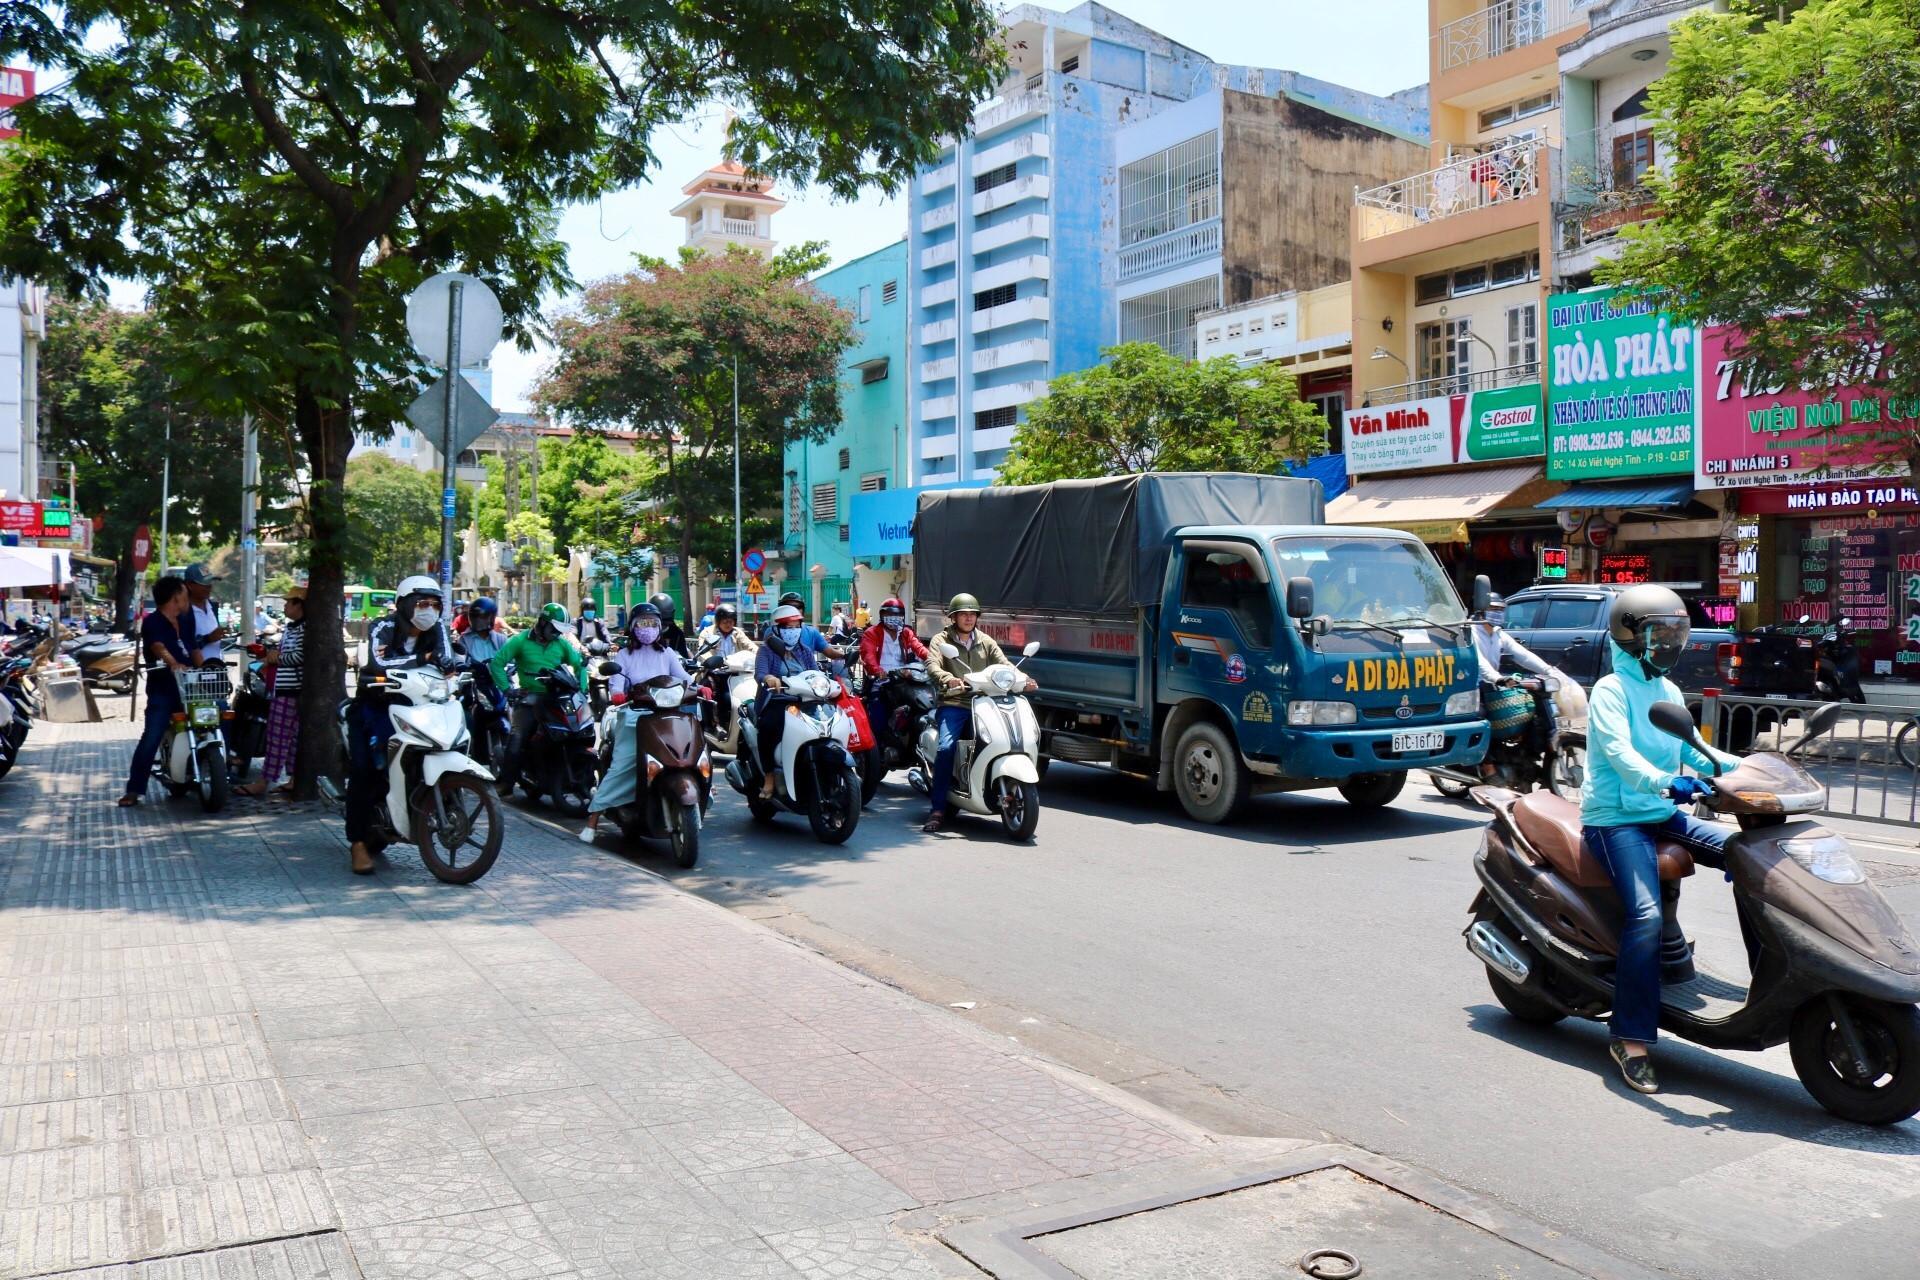 Người Sài Gòn chịu đựng nóng chưa từng có: Chống nóng ngộ nghĩnh, coi chừng phạm luật Ảnh 1